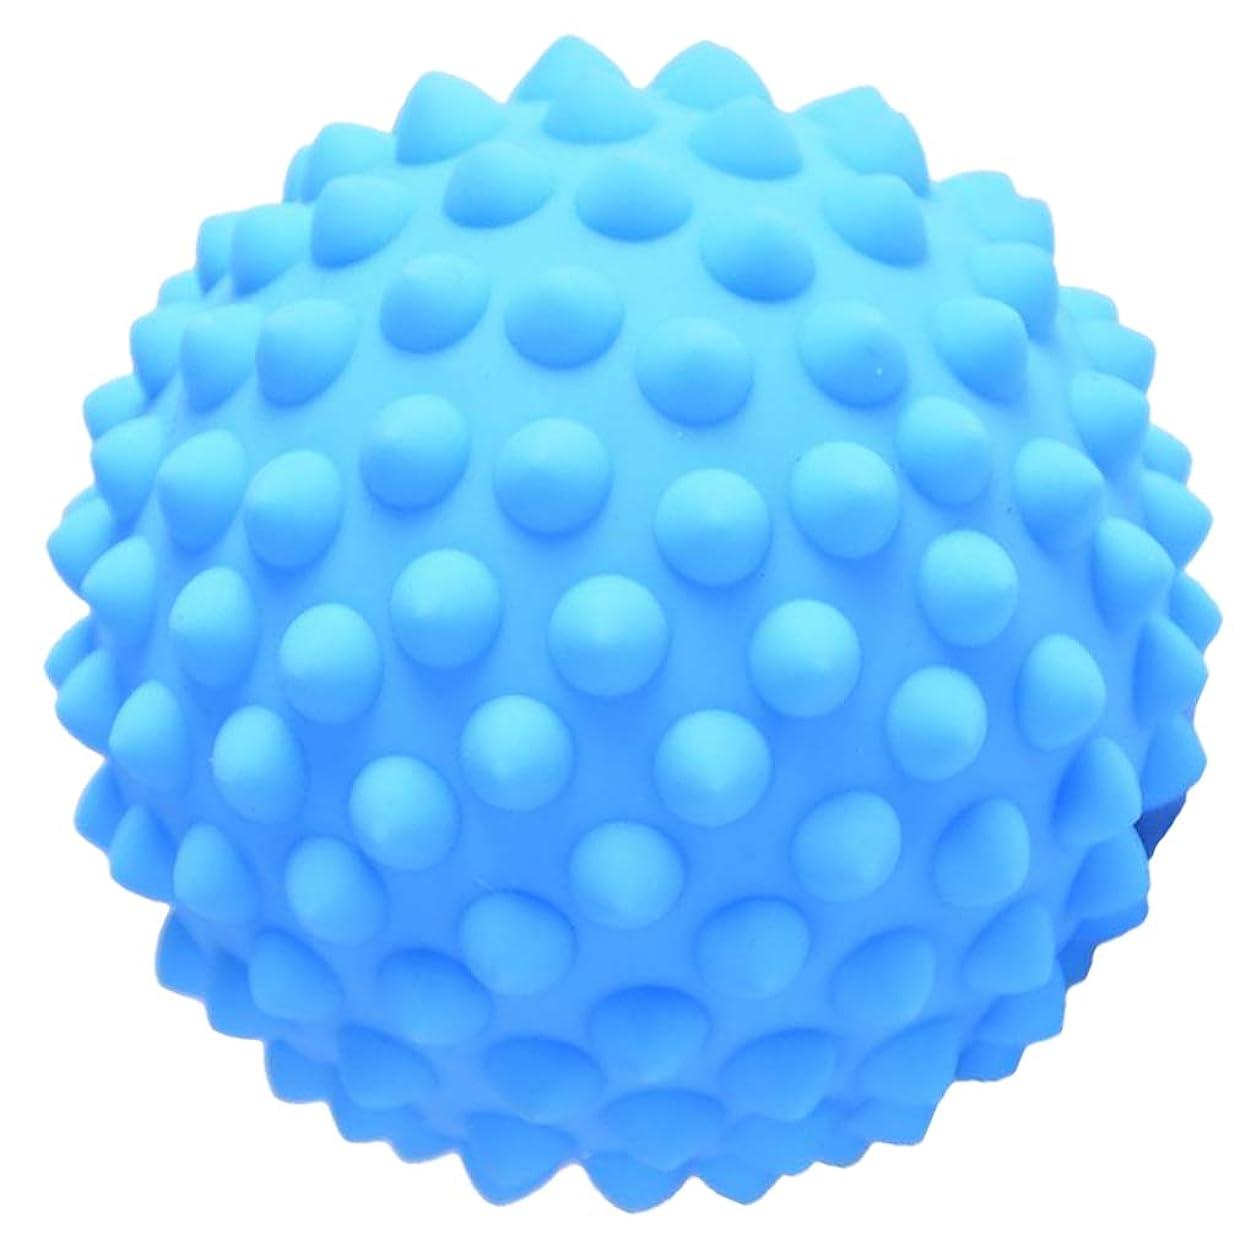 刈り取るサイトラインレーニン主義Hellery ハードPVC 9センチのとがったマッサージローラーボール指圧ボディリラクゼーションマッサージ - 青, 説明のとおり